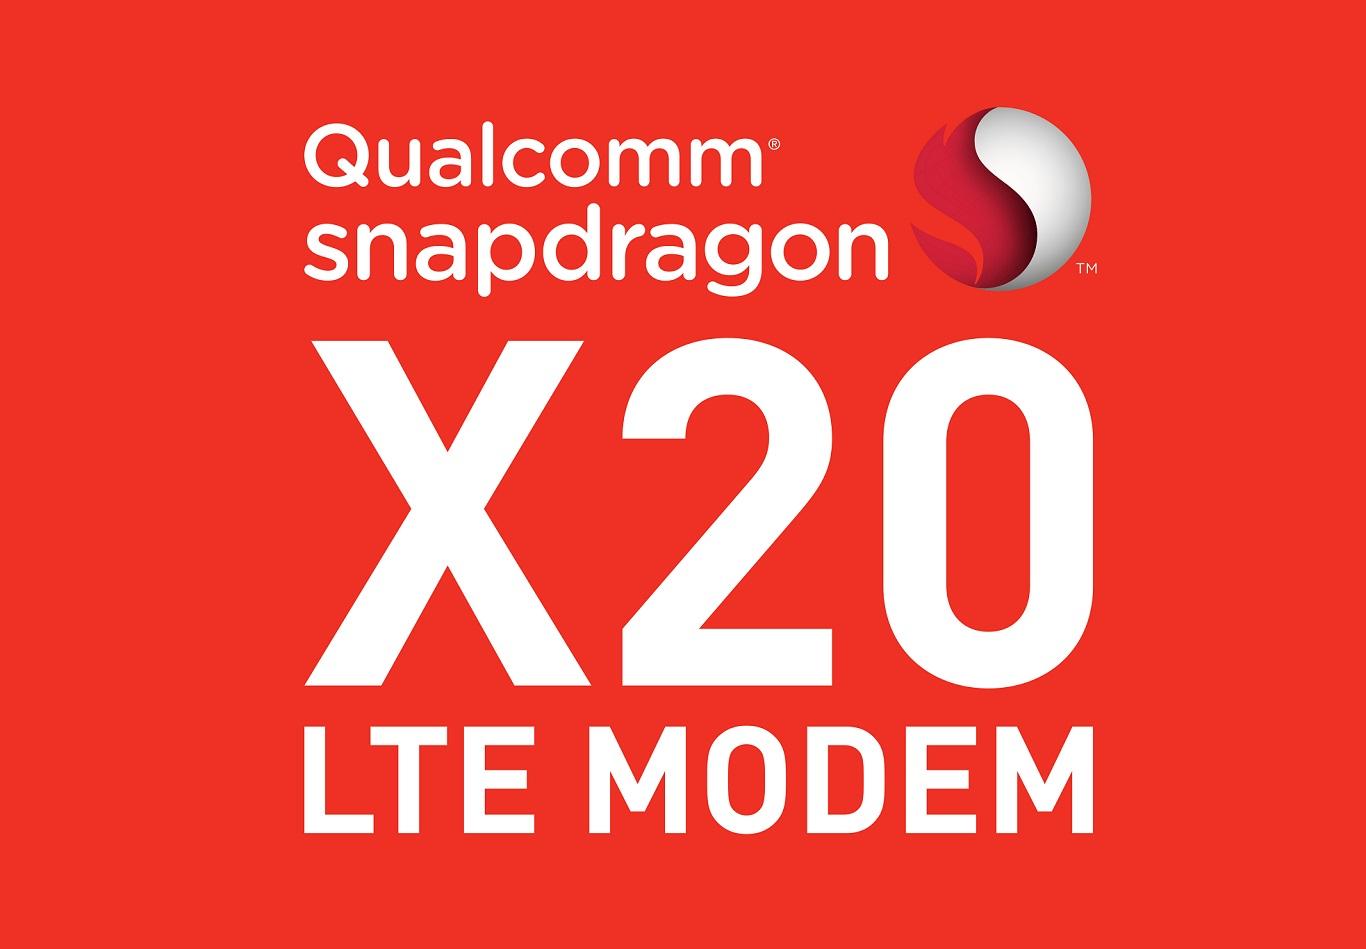 Модем Qualcomm X20 предлагает теоретическую скорость 1,2 Гбит/с